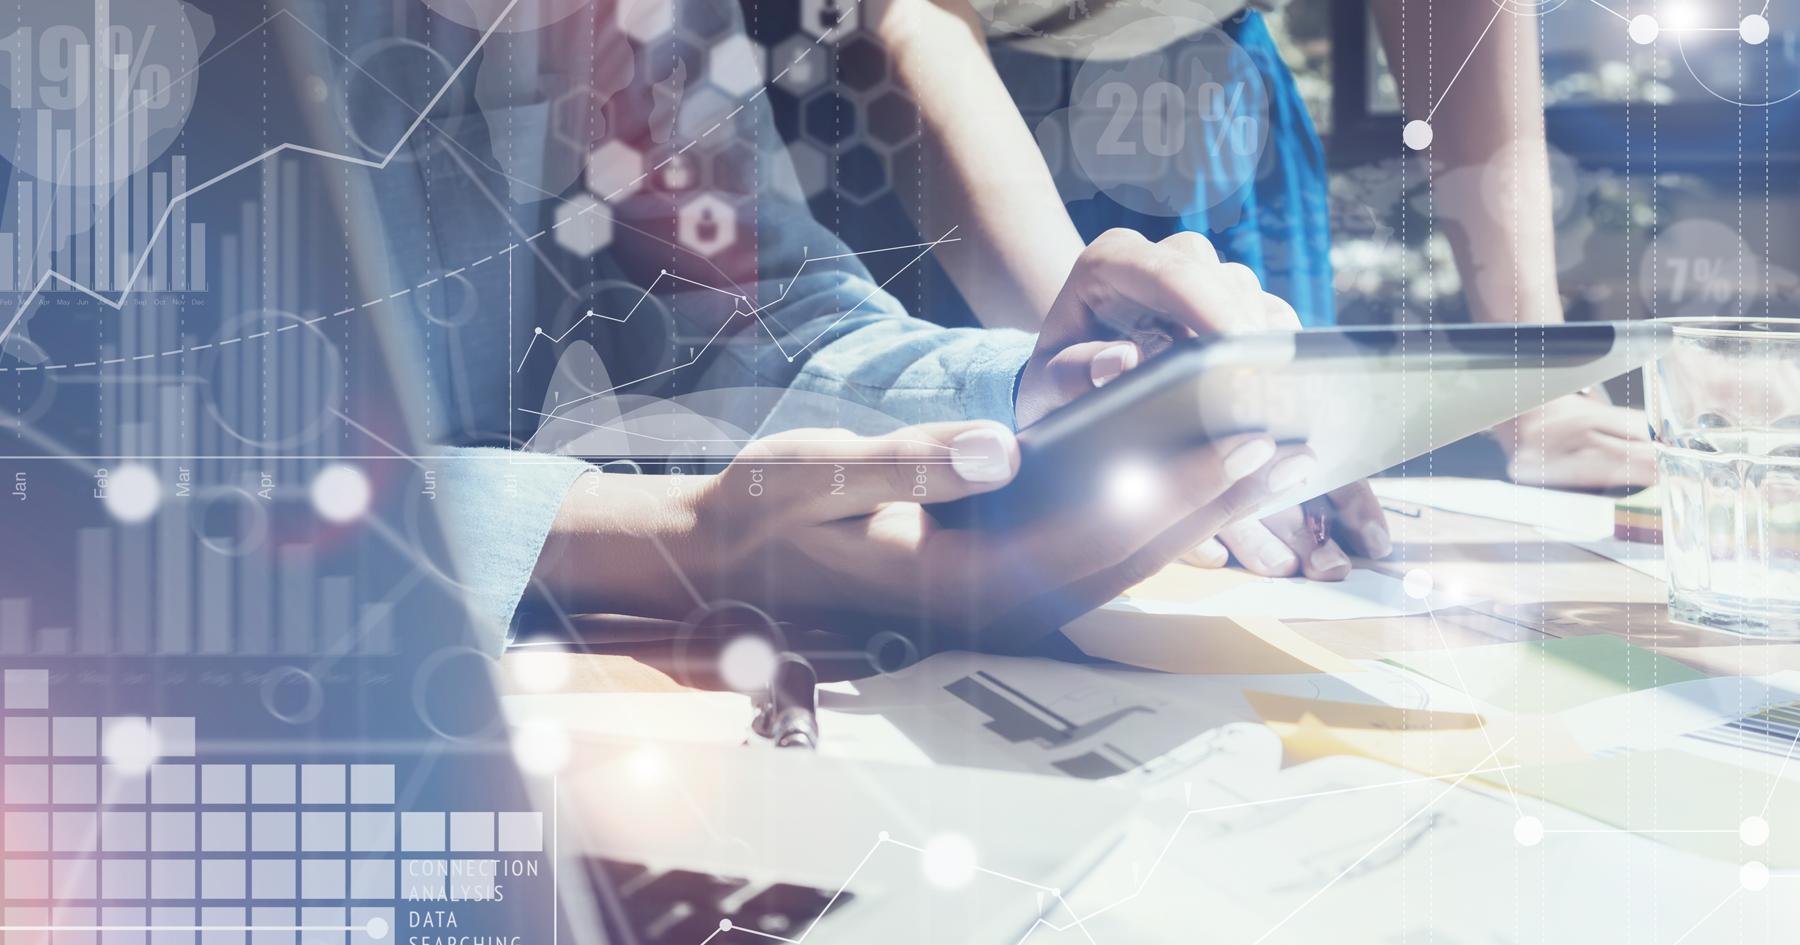 4 Ways To Simplify Data Analysis Through Technology